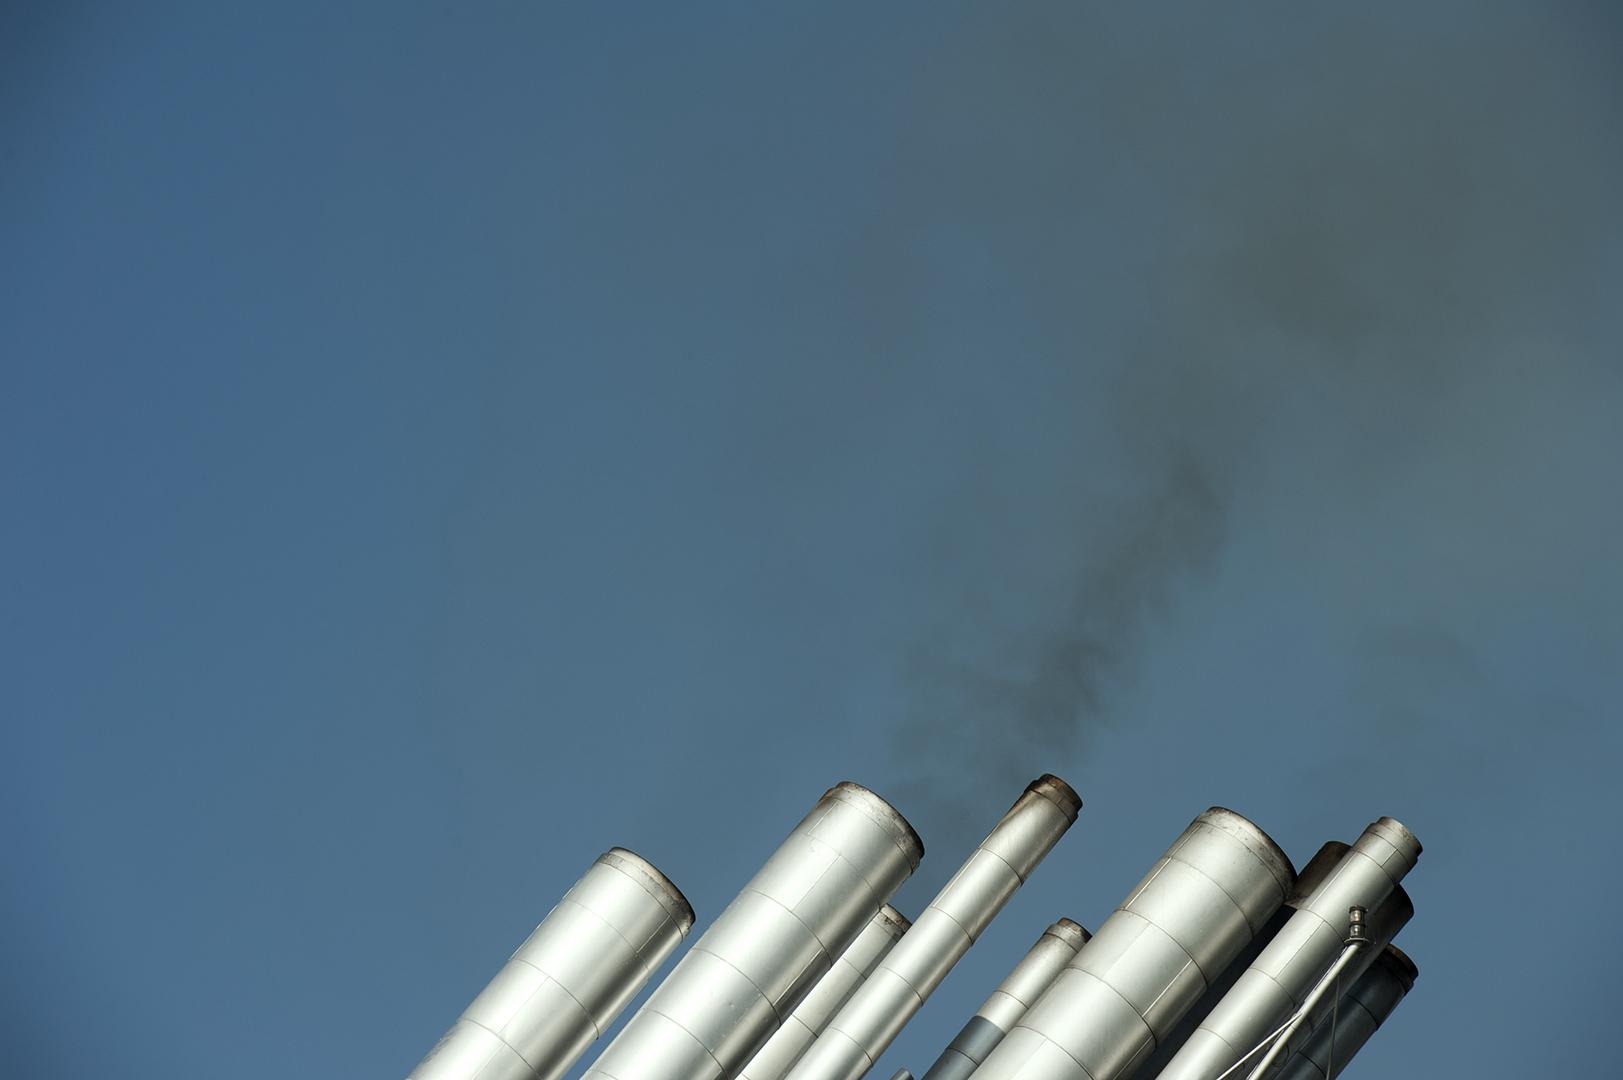 Camini della nave da crociera MSC Musica in sosta nel porto di Civitavecchia. Le emissioni dei motori includono ossidi di azoto, ossidi di zolfo, anidride carbonica e polveri sottili; si stima che entro il 2030 l'inquinamento atmosferico aumenterà dal 100 al 200%. Settembre 2014. (Patrizia Pace)